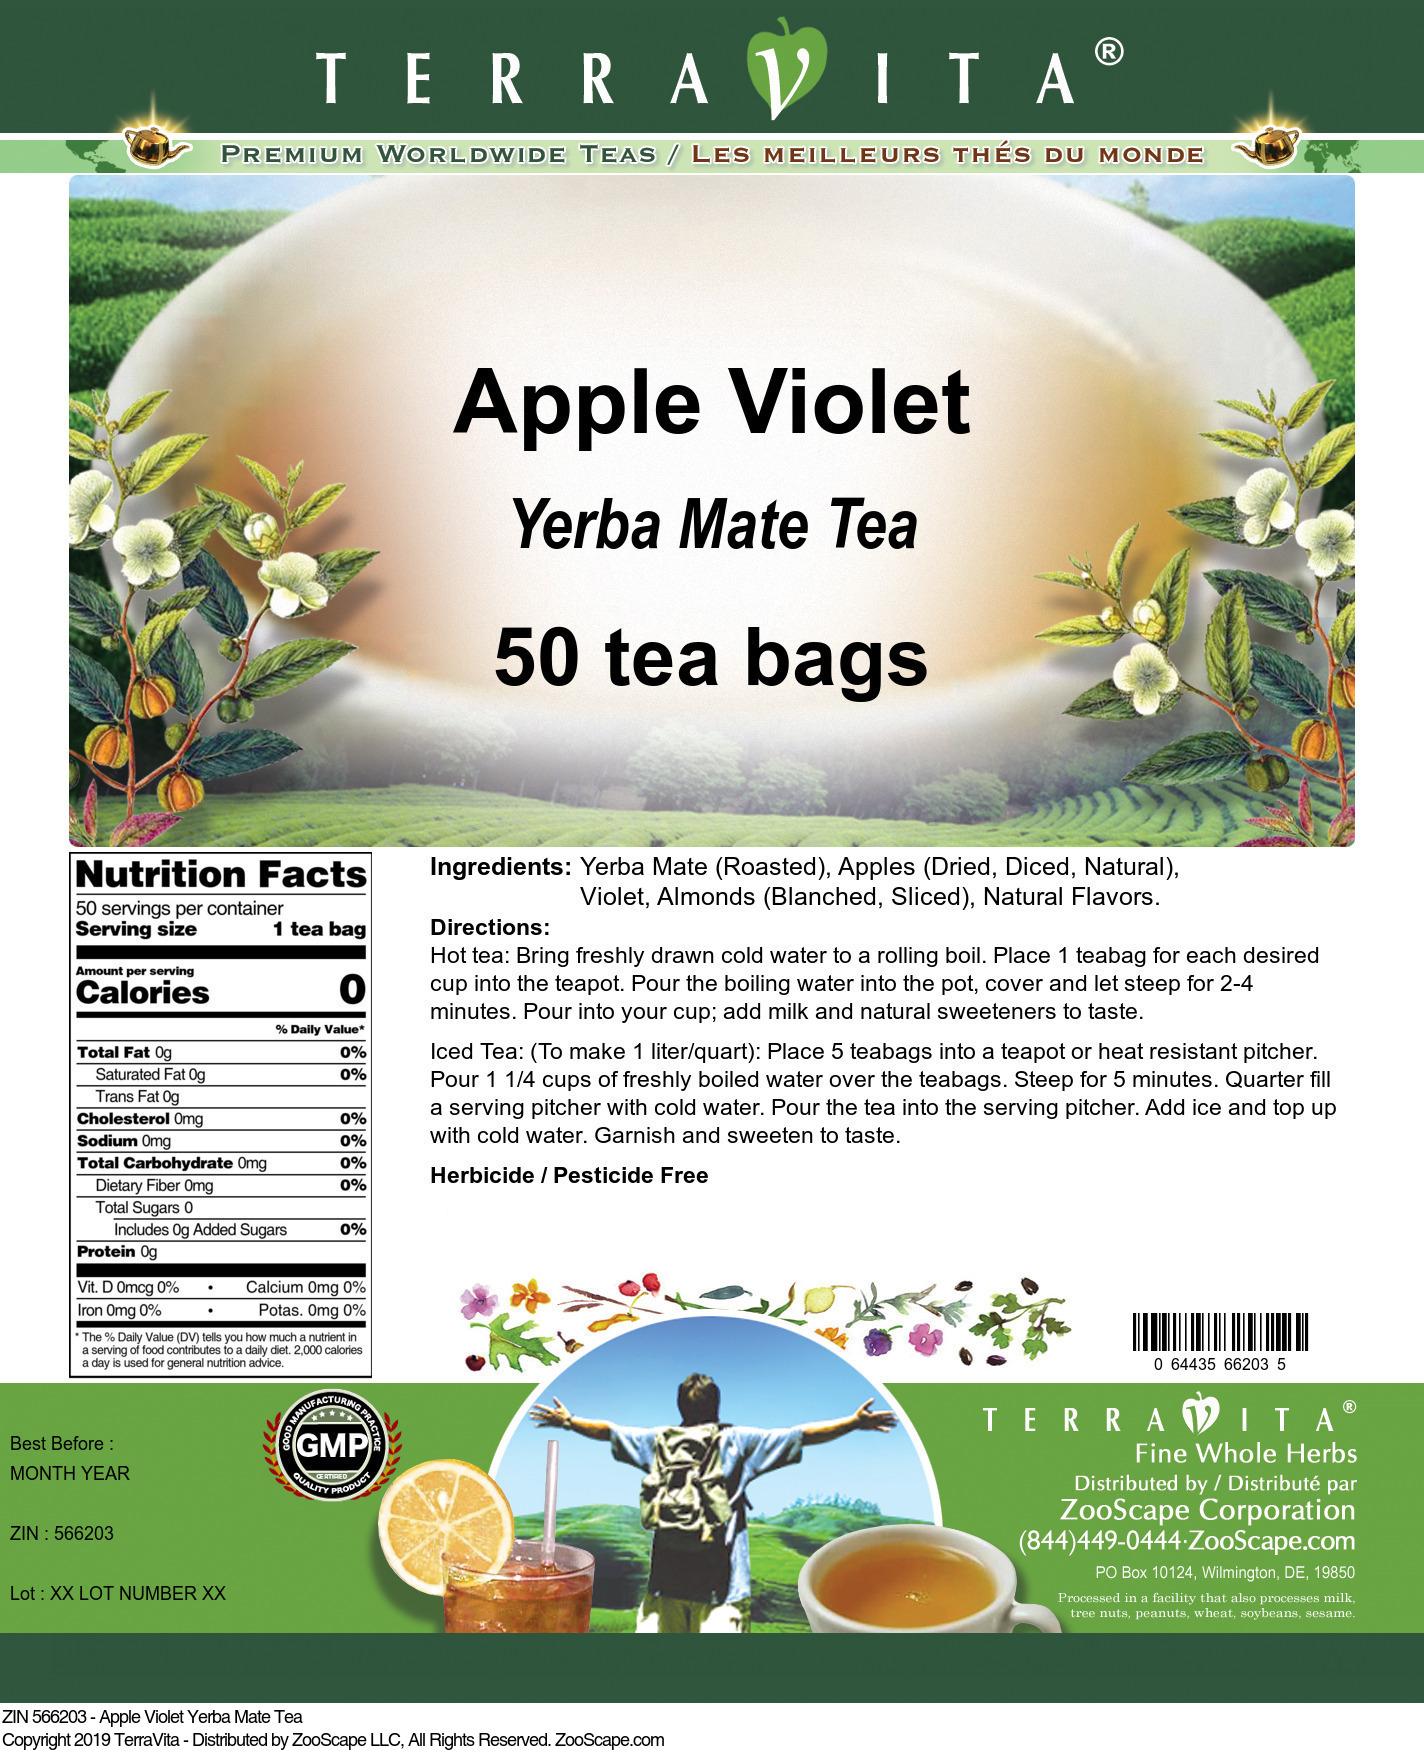 Apple Violet Yerba Mate Tea